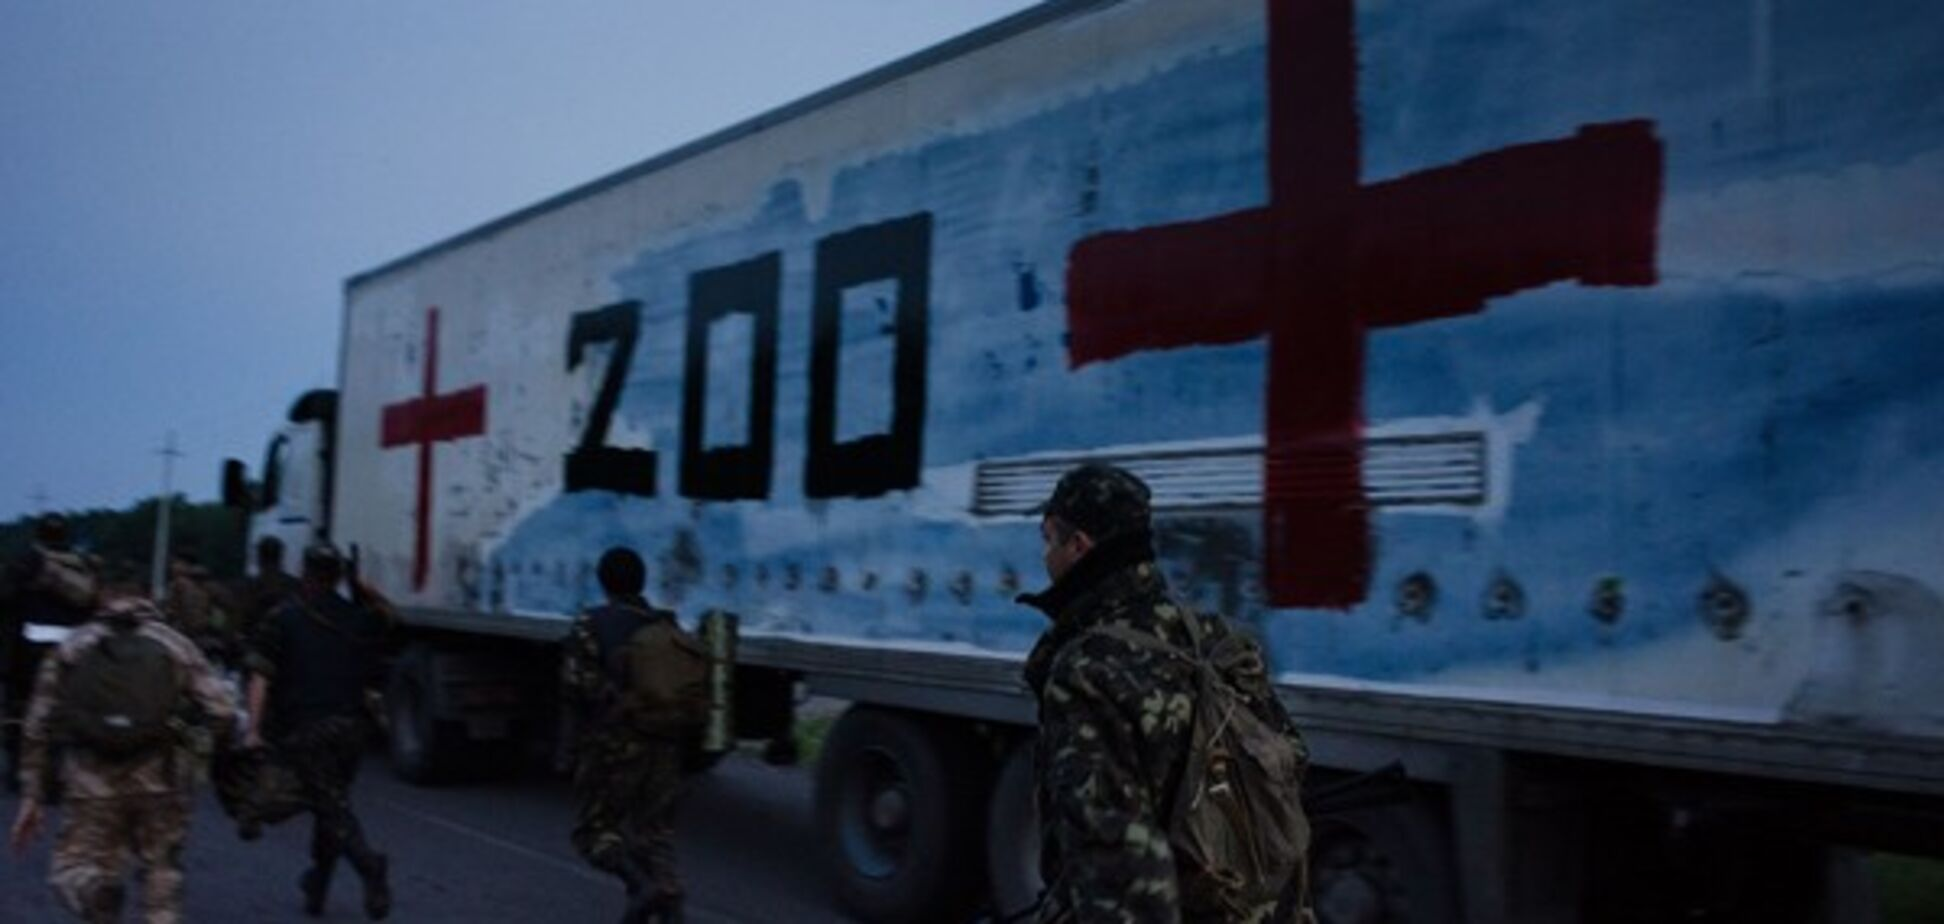 Сотни новых 'грузов 200': названы потери террористов на Донбассе за 2017 год